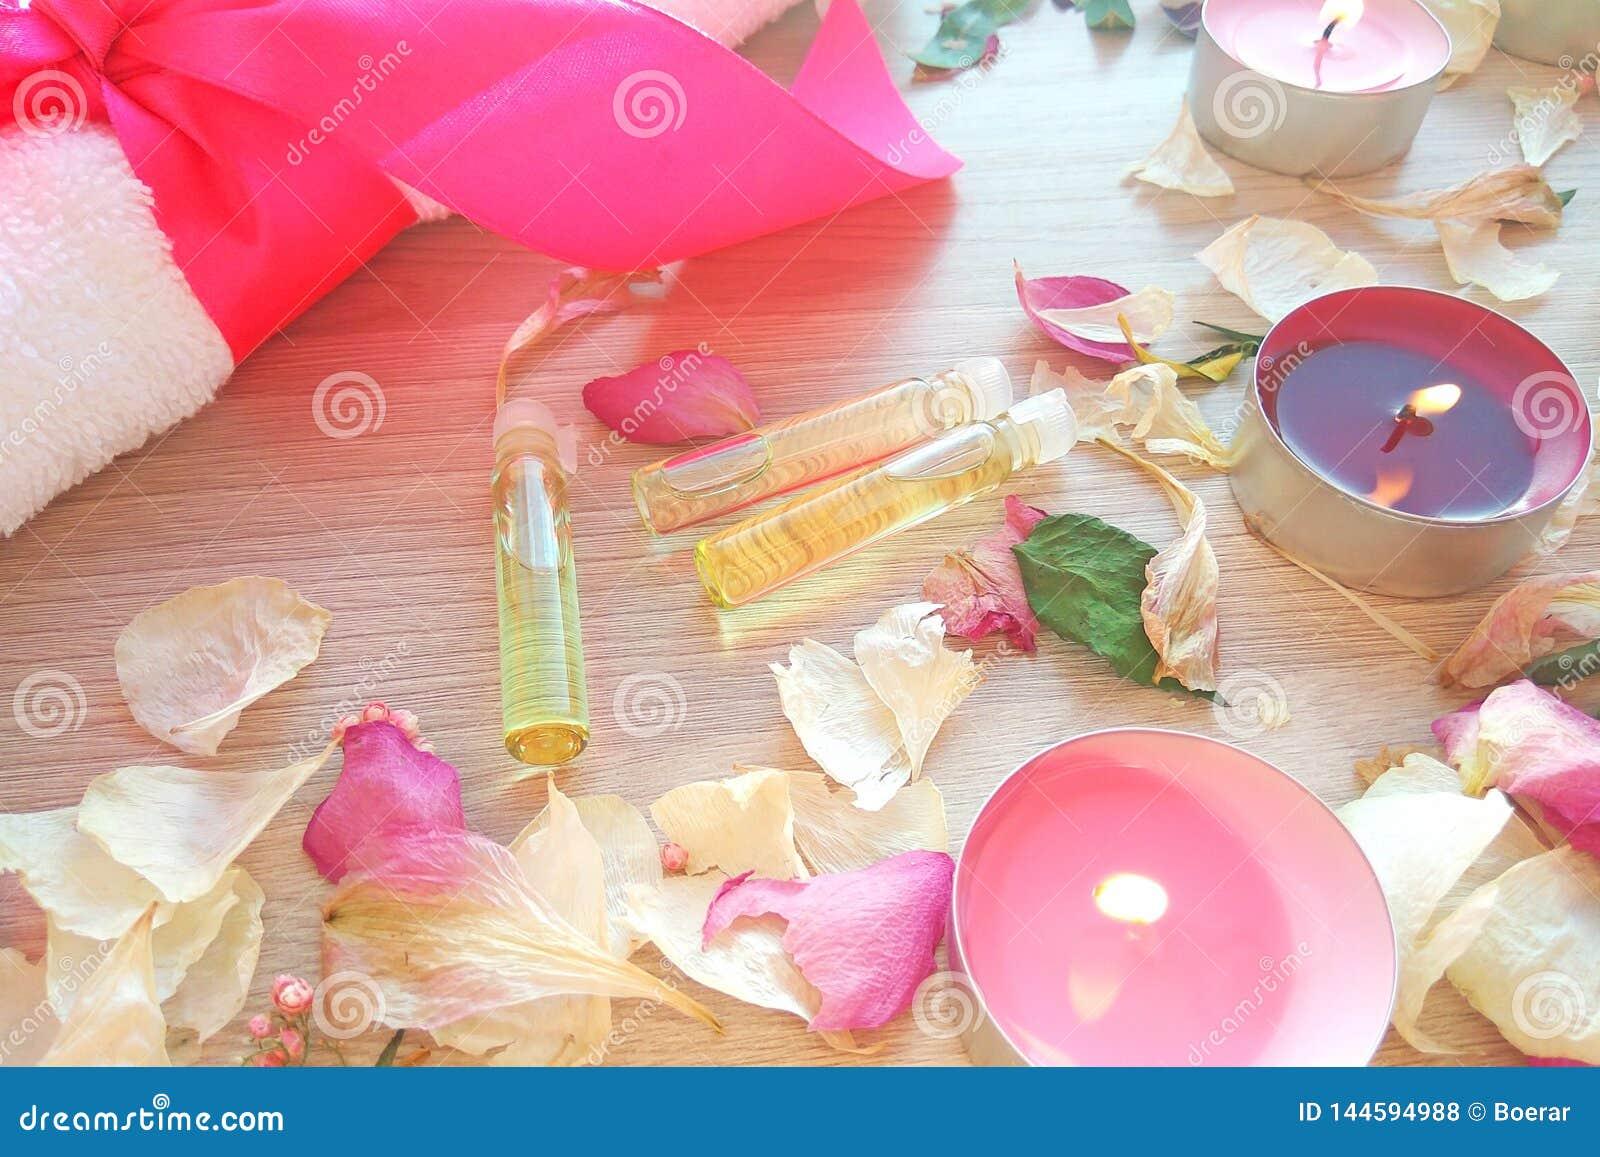 烧与根本温泉油的蜡烛,上升了花瓣和白色毛巾在木桌背景